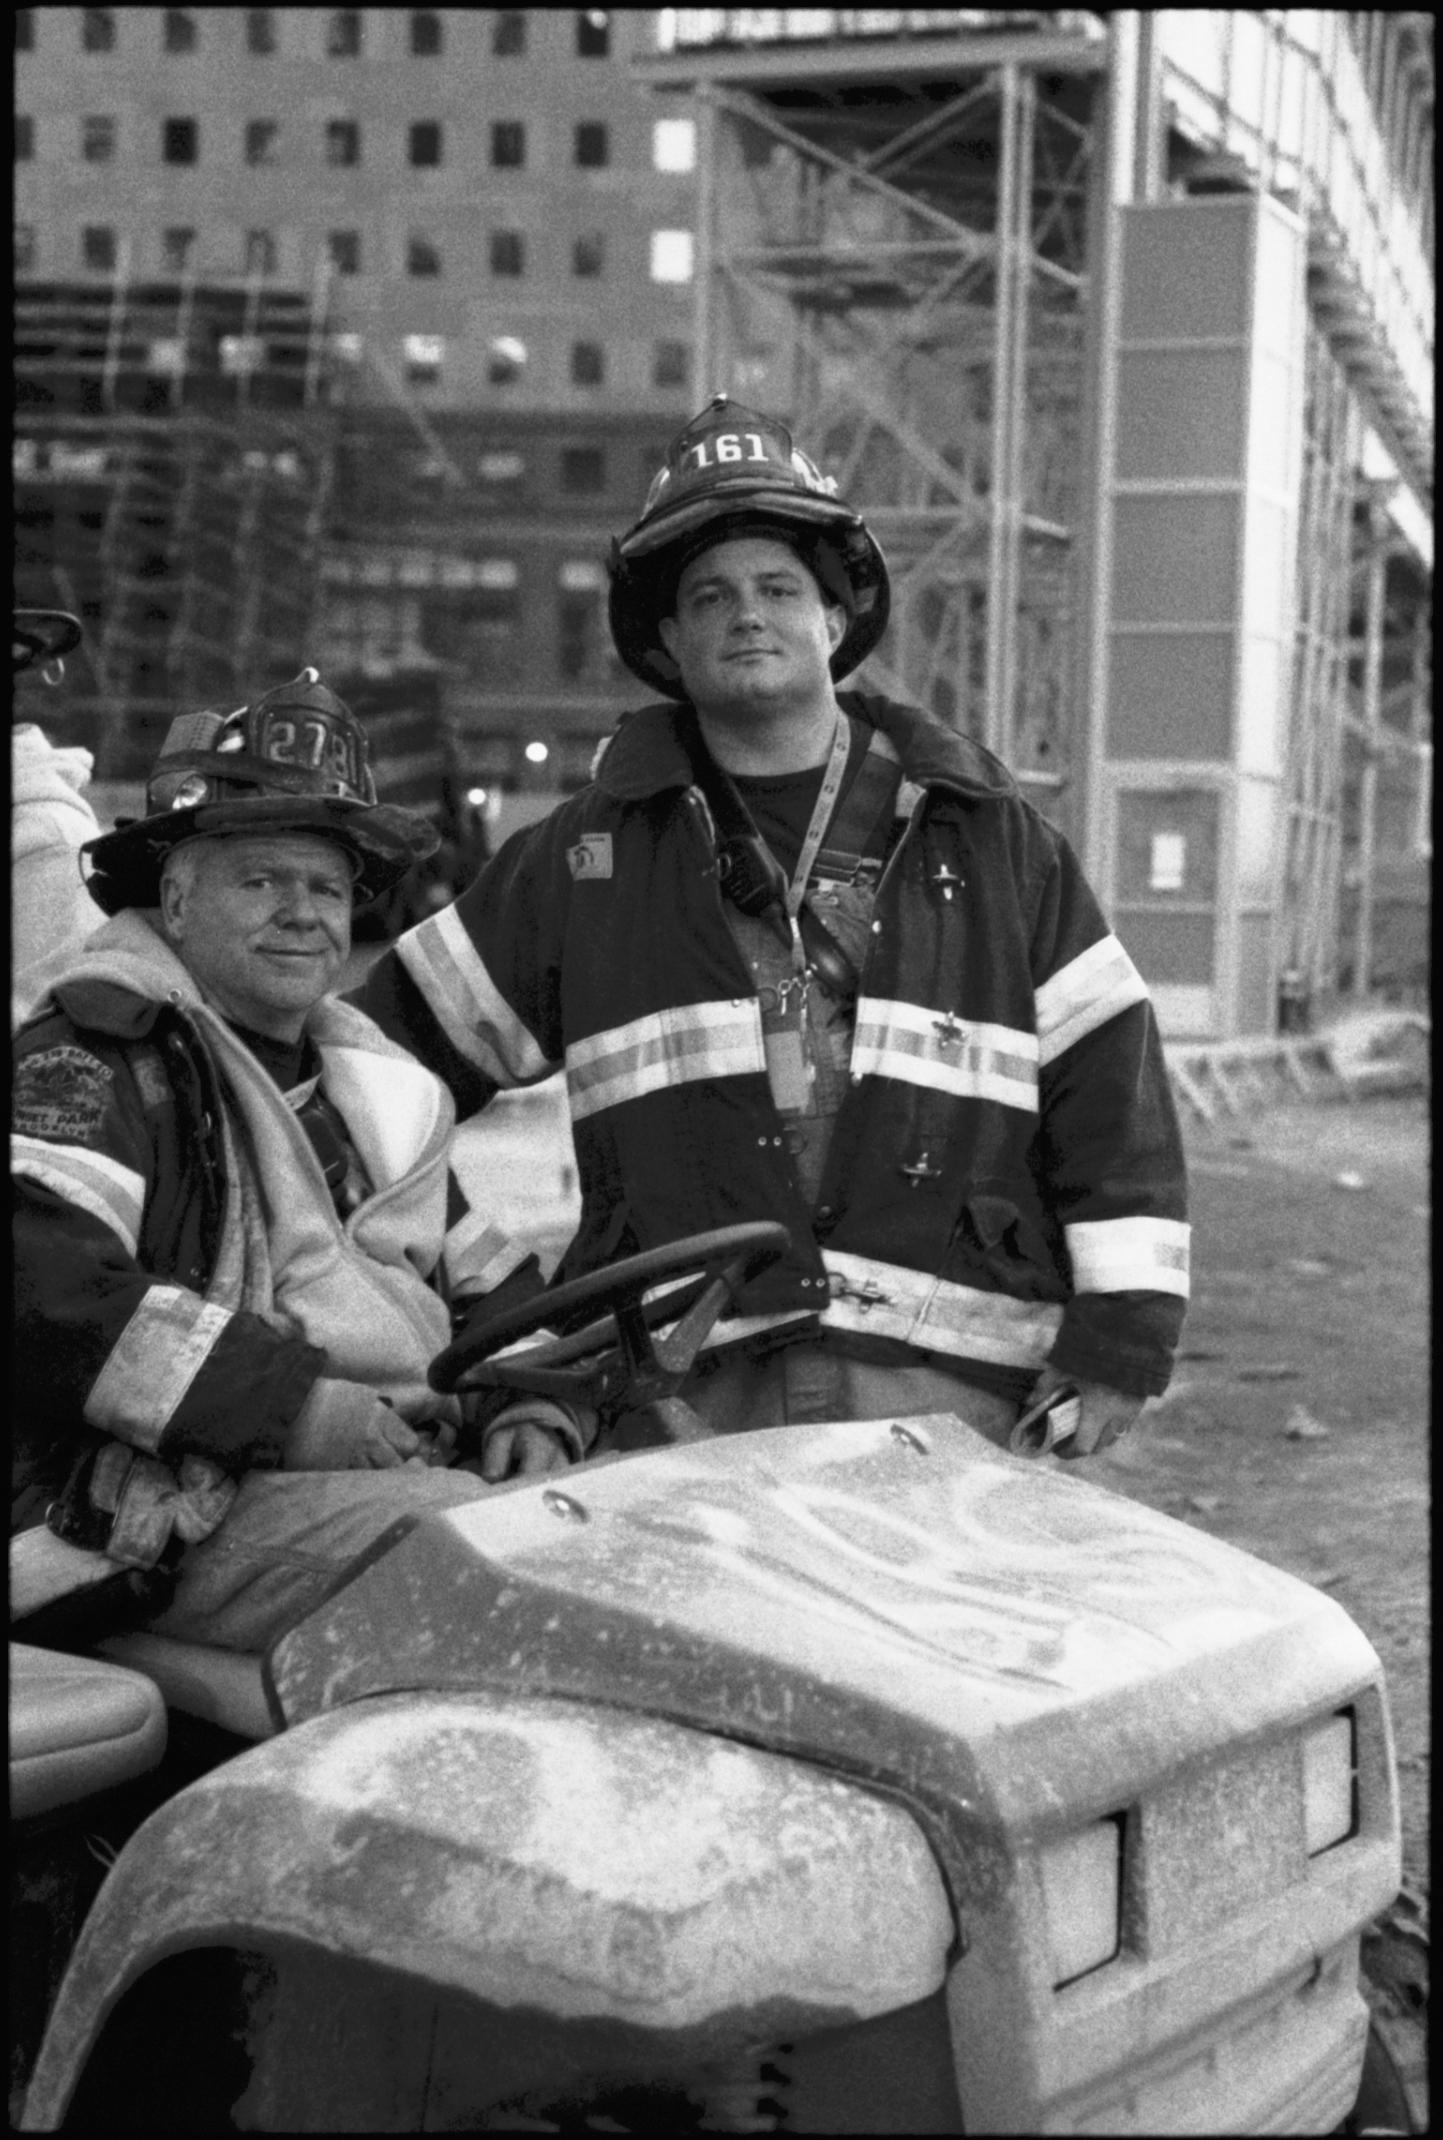 2002_WTC_R116_14_V2.jpg